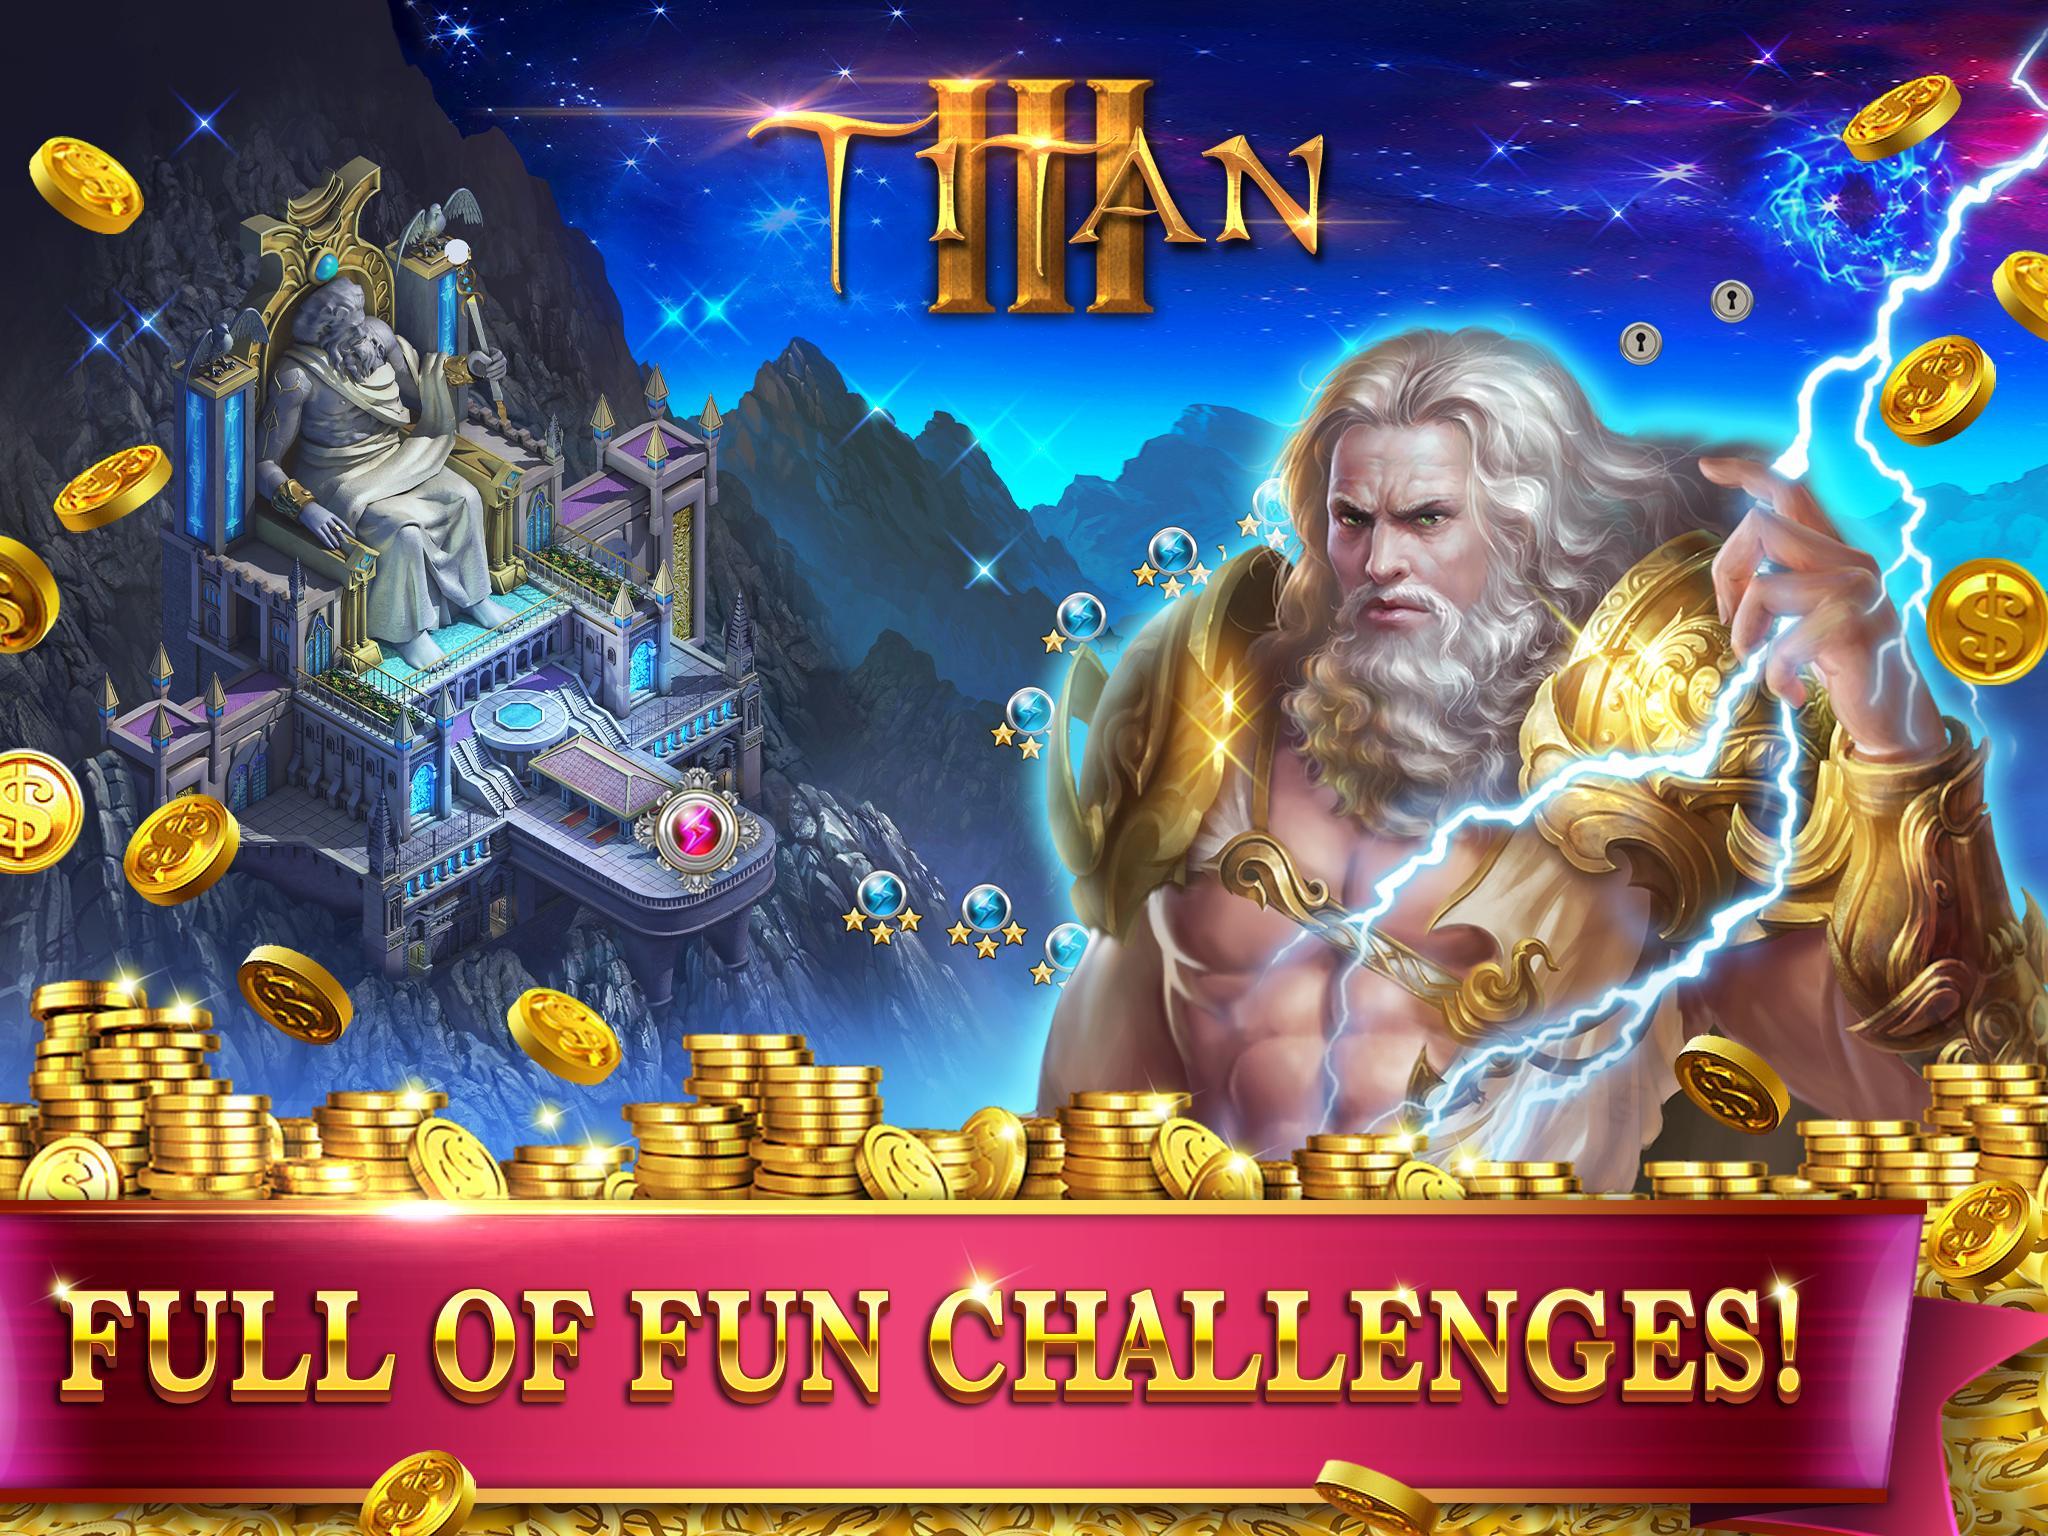 Titan Slot Game